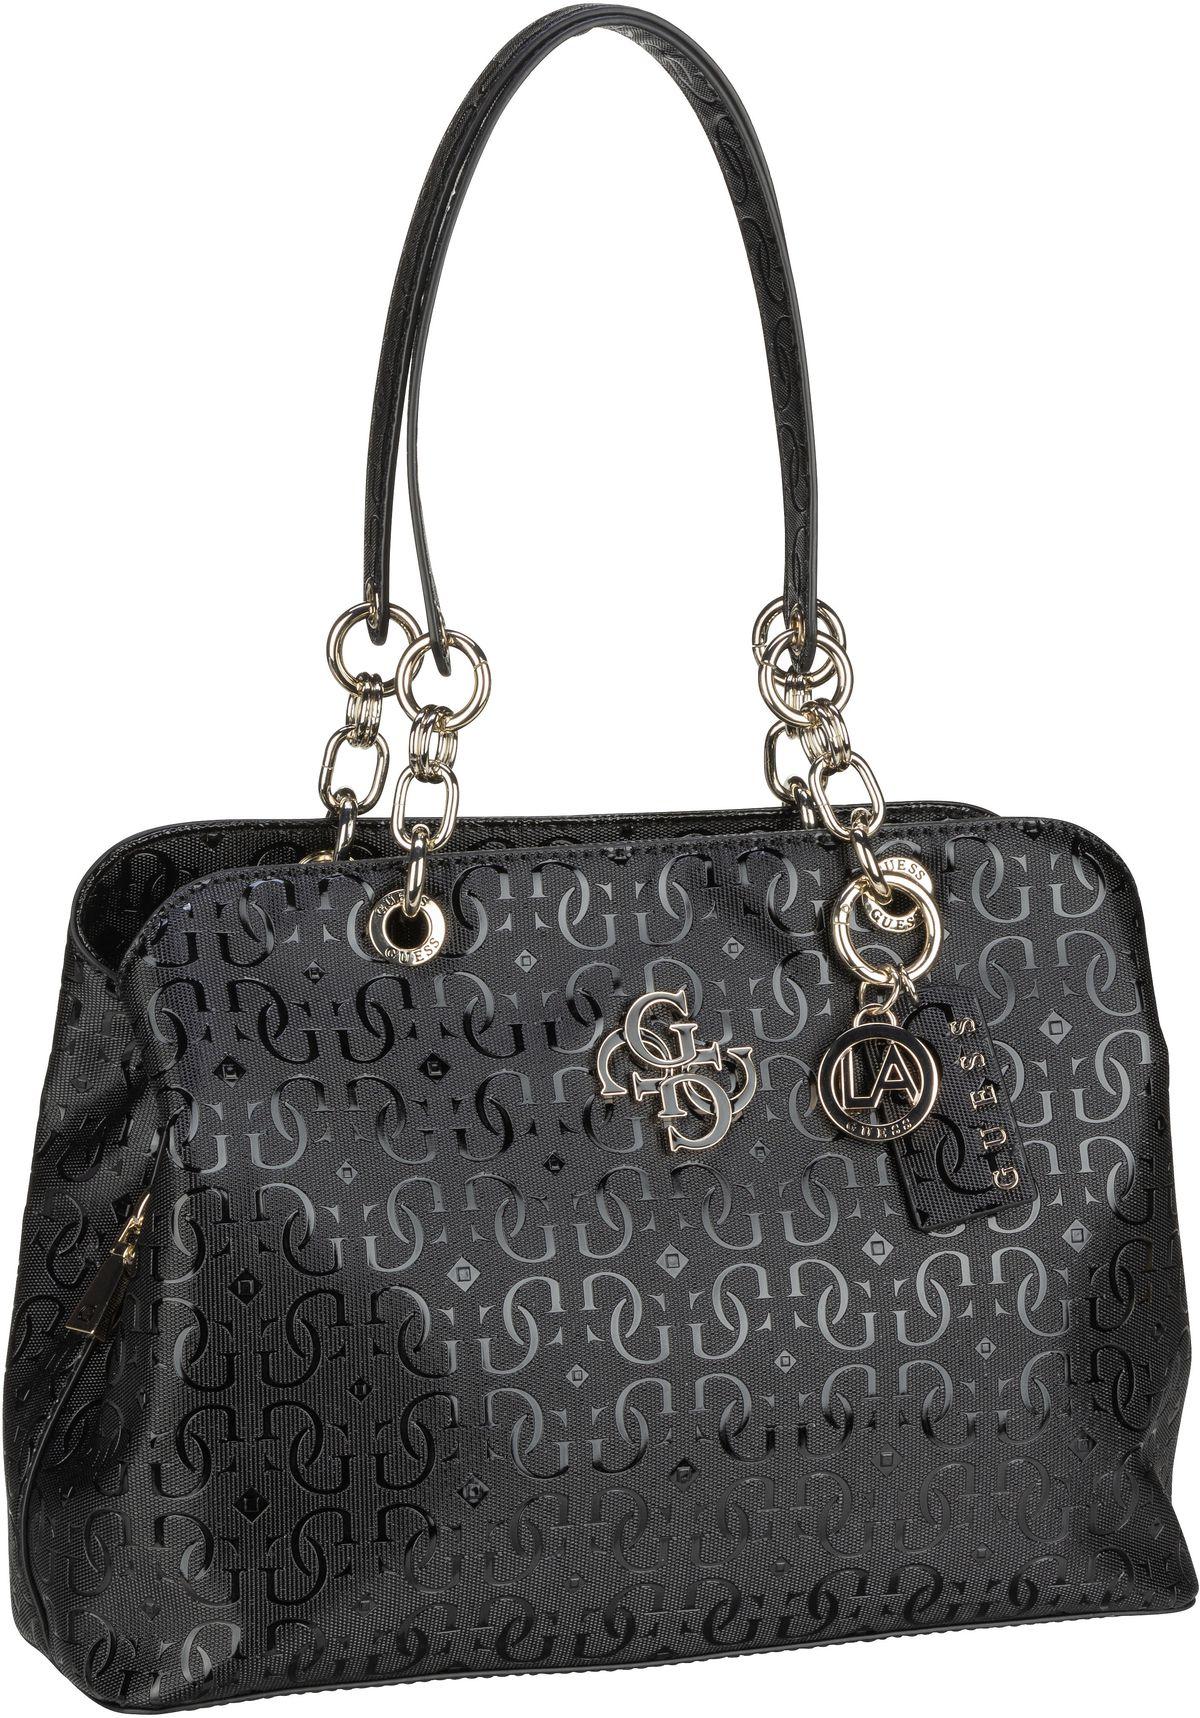 Handtasche Chic Shine Large Girlfriend Satchel Black